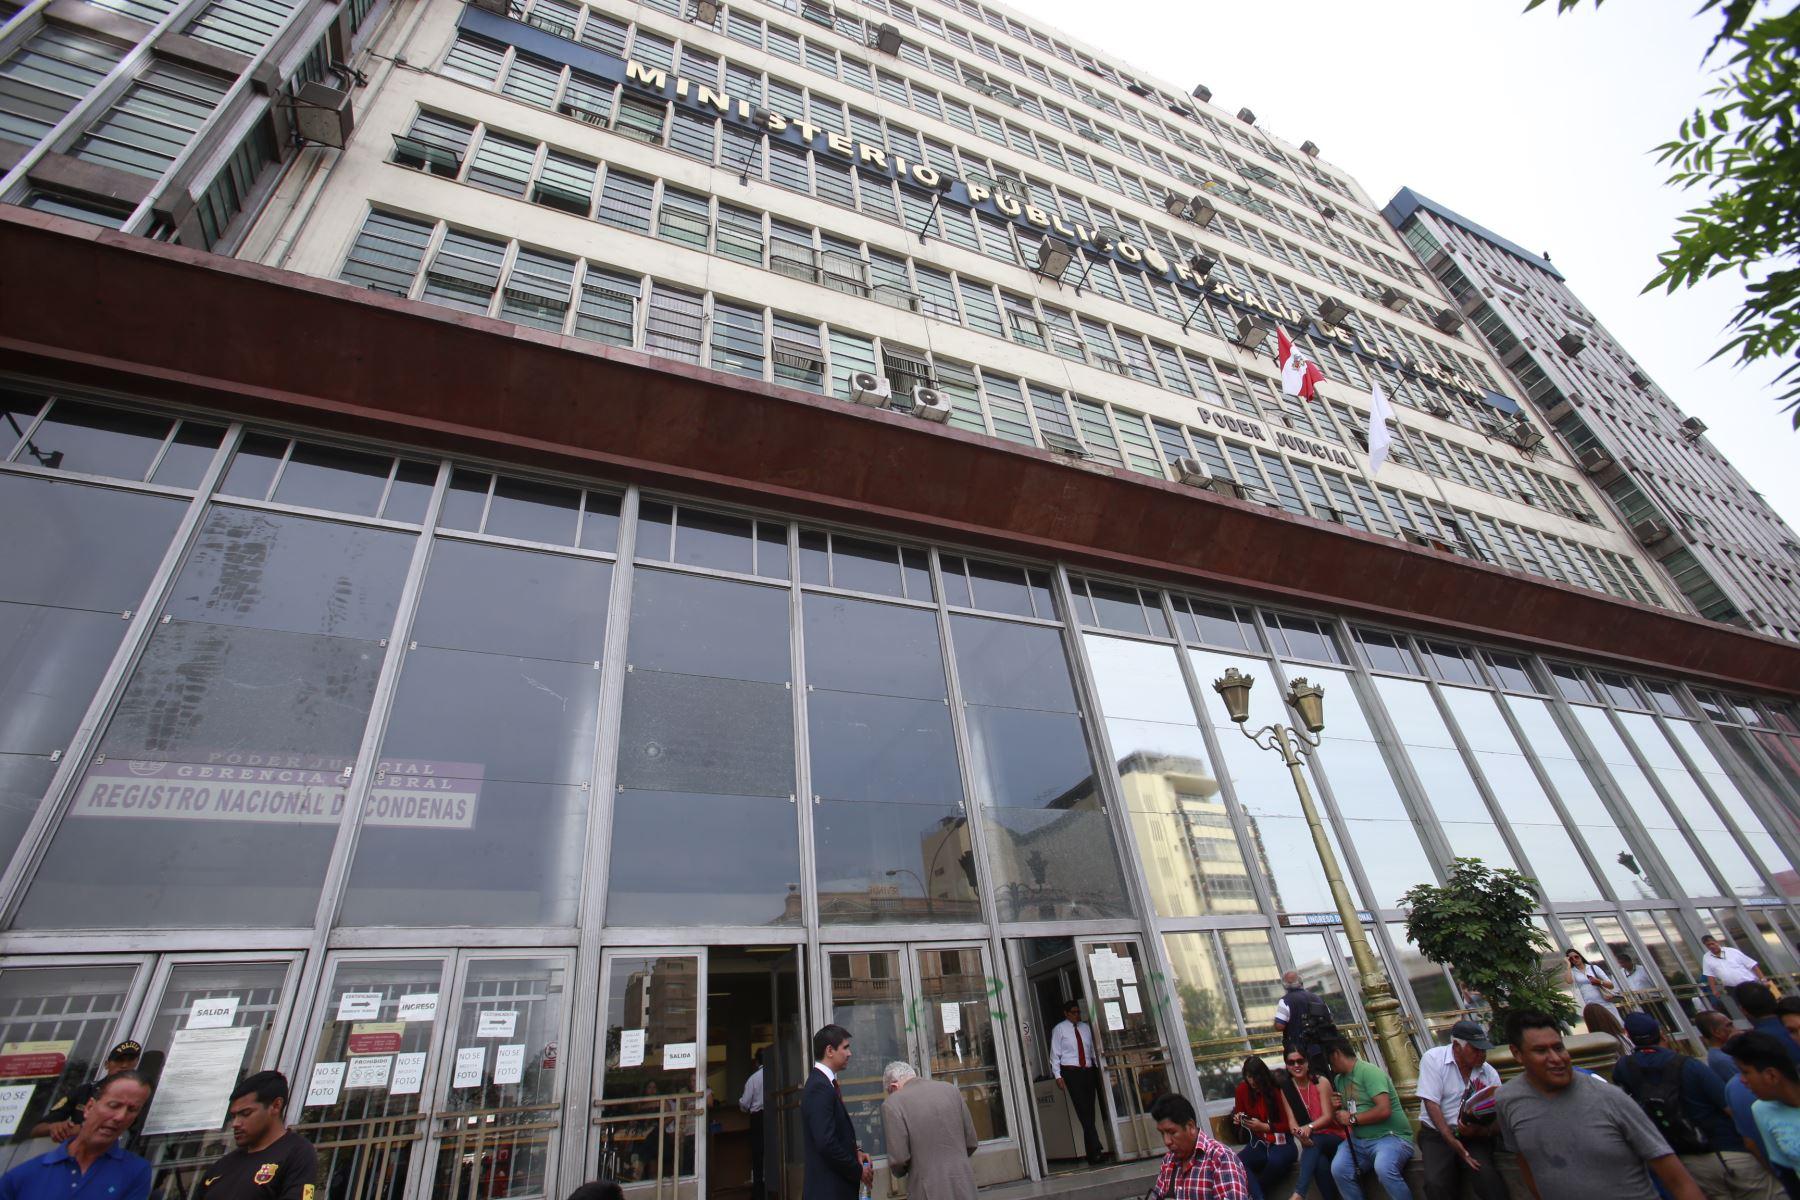 Sociedad civil se manifiesta contra el ex Fiscal de la Nación Pedro Chyavarry en la puerta del Ministerio Público, tras el anuncio de su renuncia.  Foto: ANDINA/Nathalie Sayago